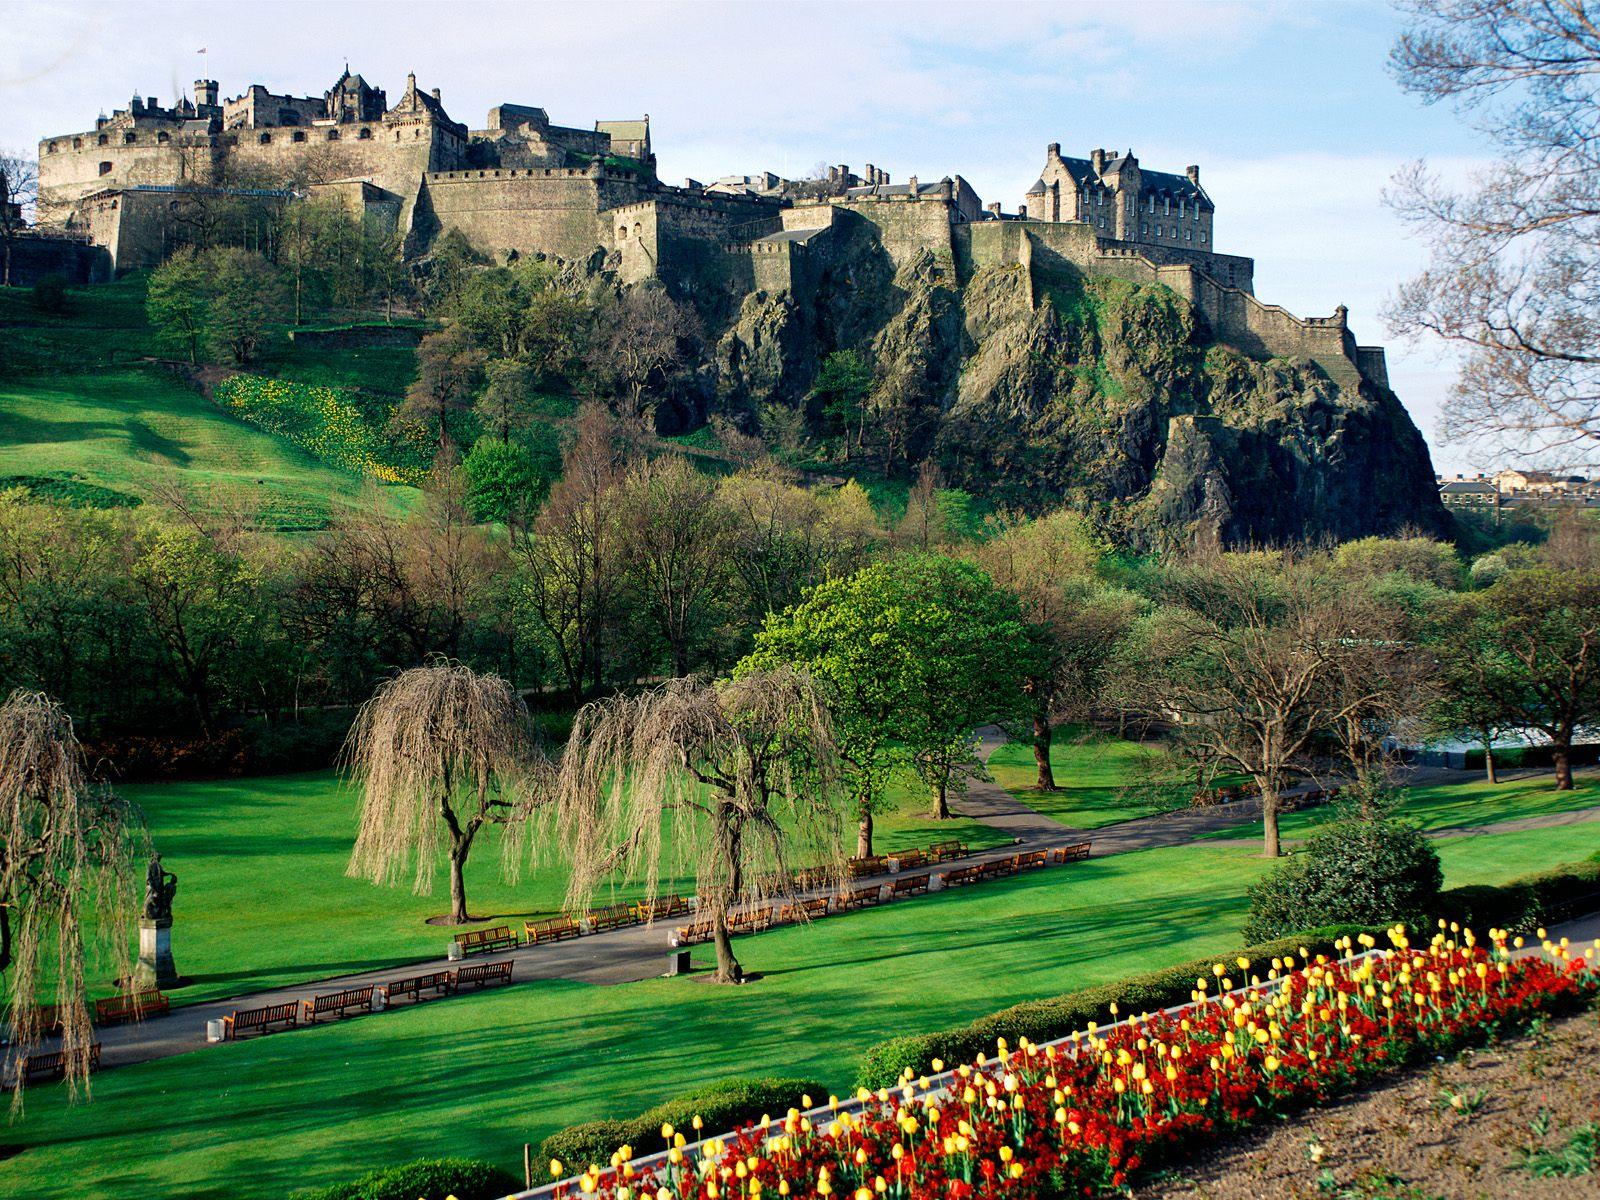 http://4.bp.blogspot.com/-KKoSoBjR9Xo/TrkzB7j3SHI/AAAAAAAAD60/5BytPf1vQqM/s1600/edinburgh-scotland-travel.jpg